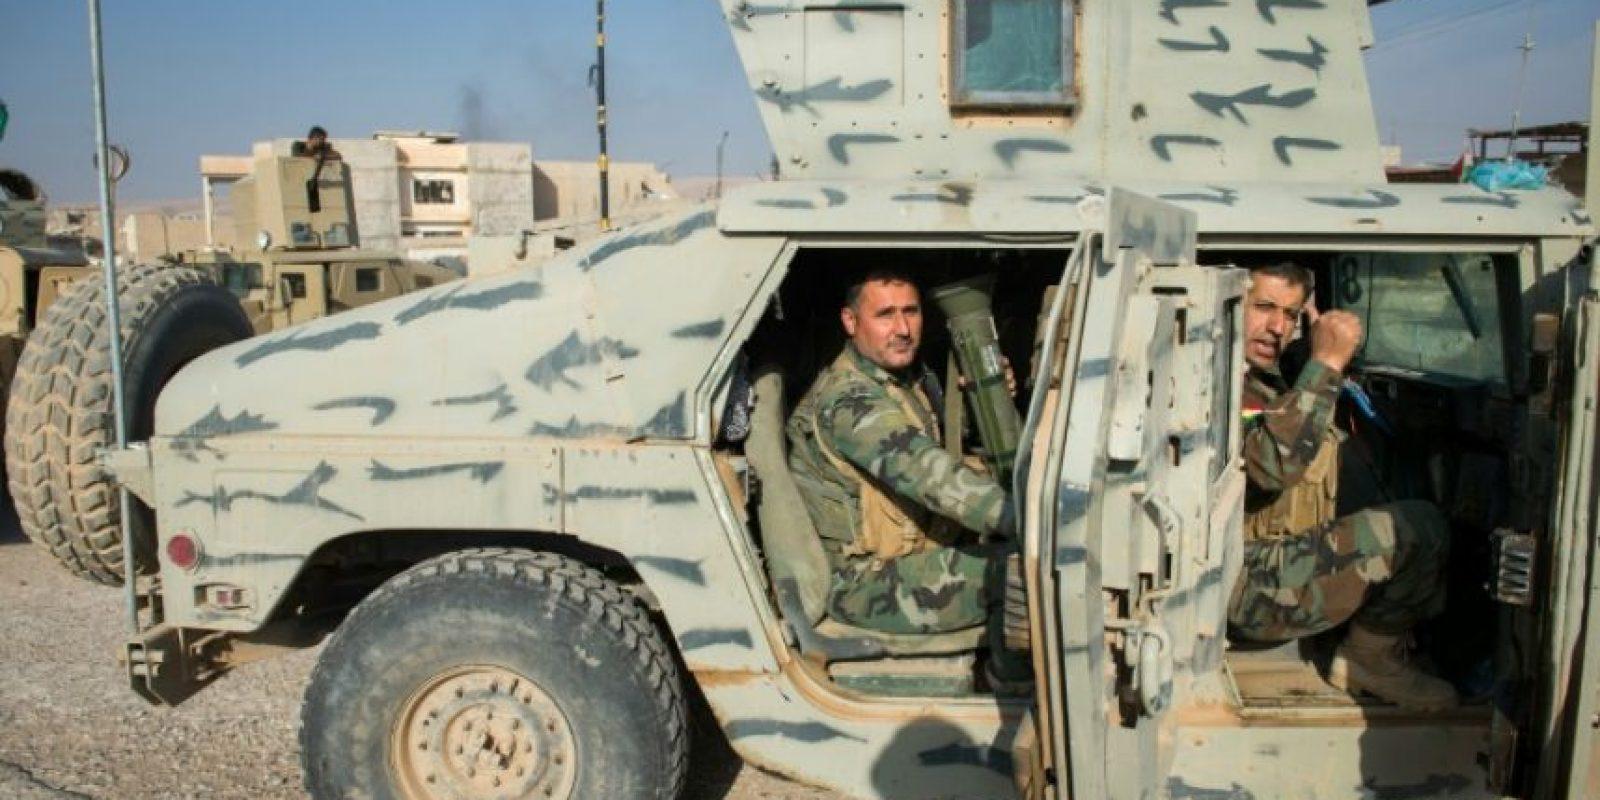 Combatientes kurdos en la ciudad de Bashiqa el 8 de noviembre de 2016 Foto:Odd Andersen/afp.com